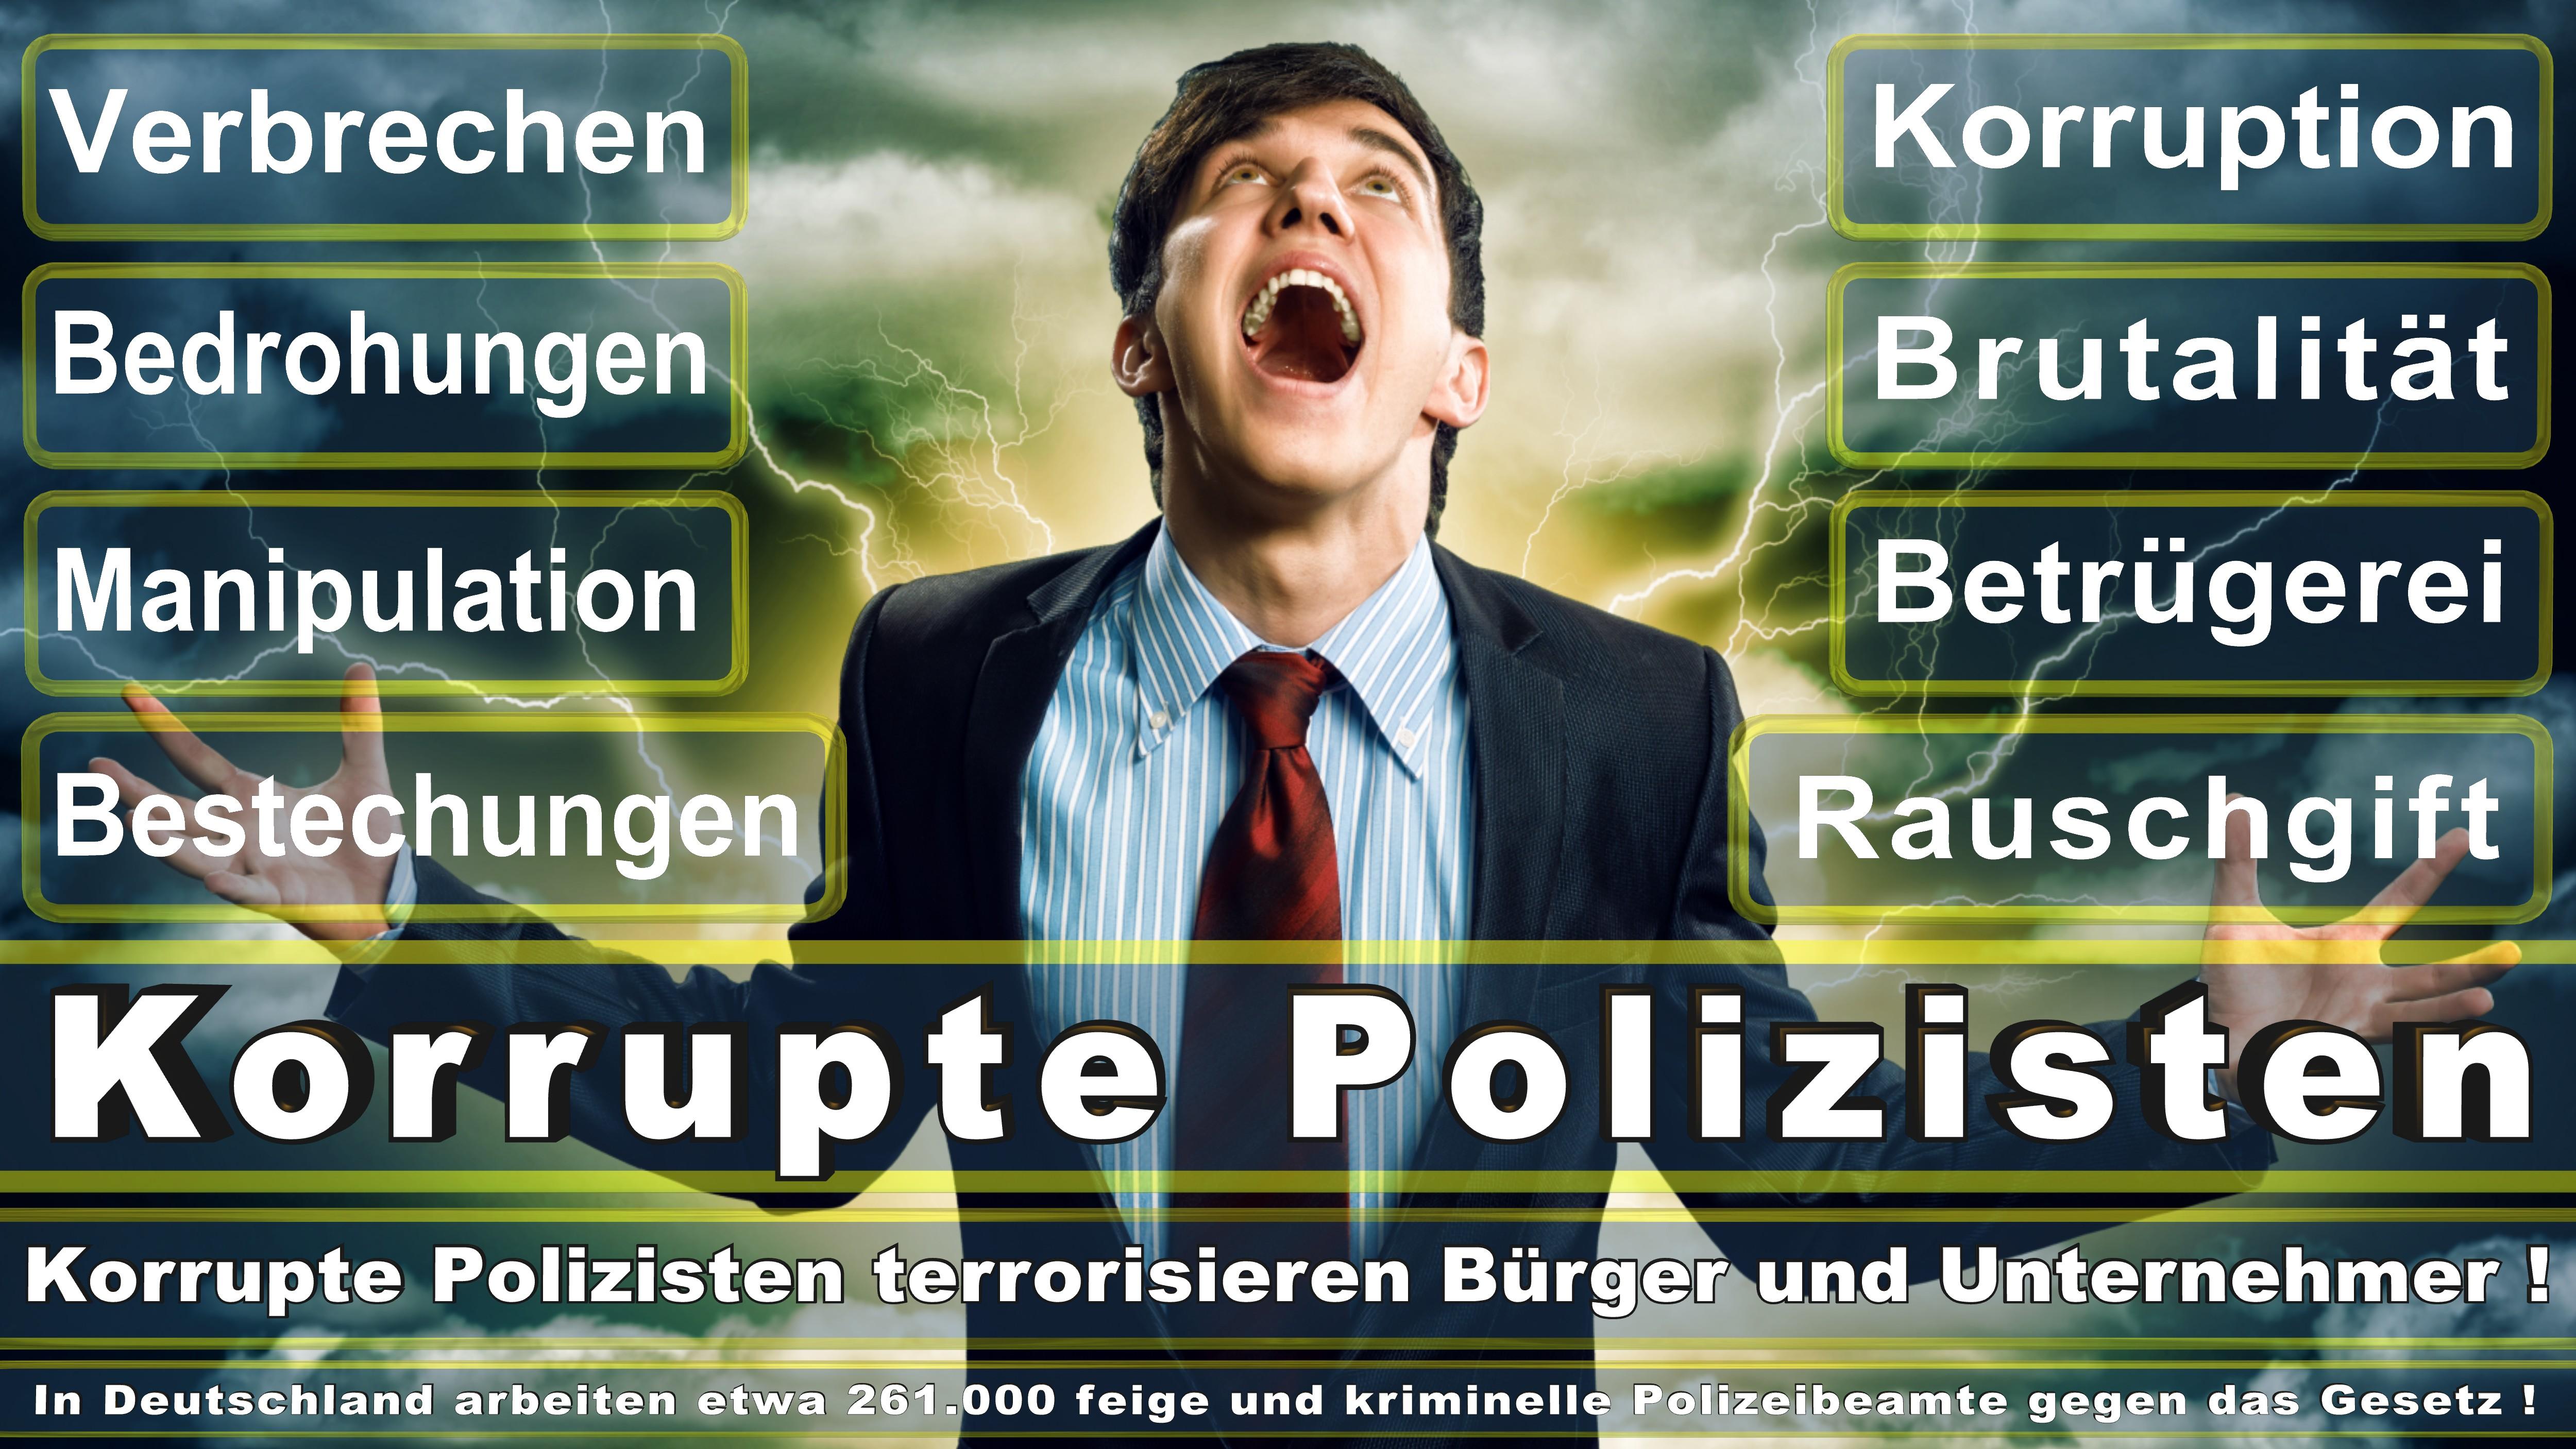 Polizei-Bielefeld (171) Polizei, News, Nachrichten, Polizeibericht, Nw, Polizeireport, Polizeifunk, Radio, De, Polizeichor, Polizeipresse,